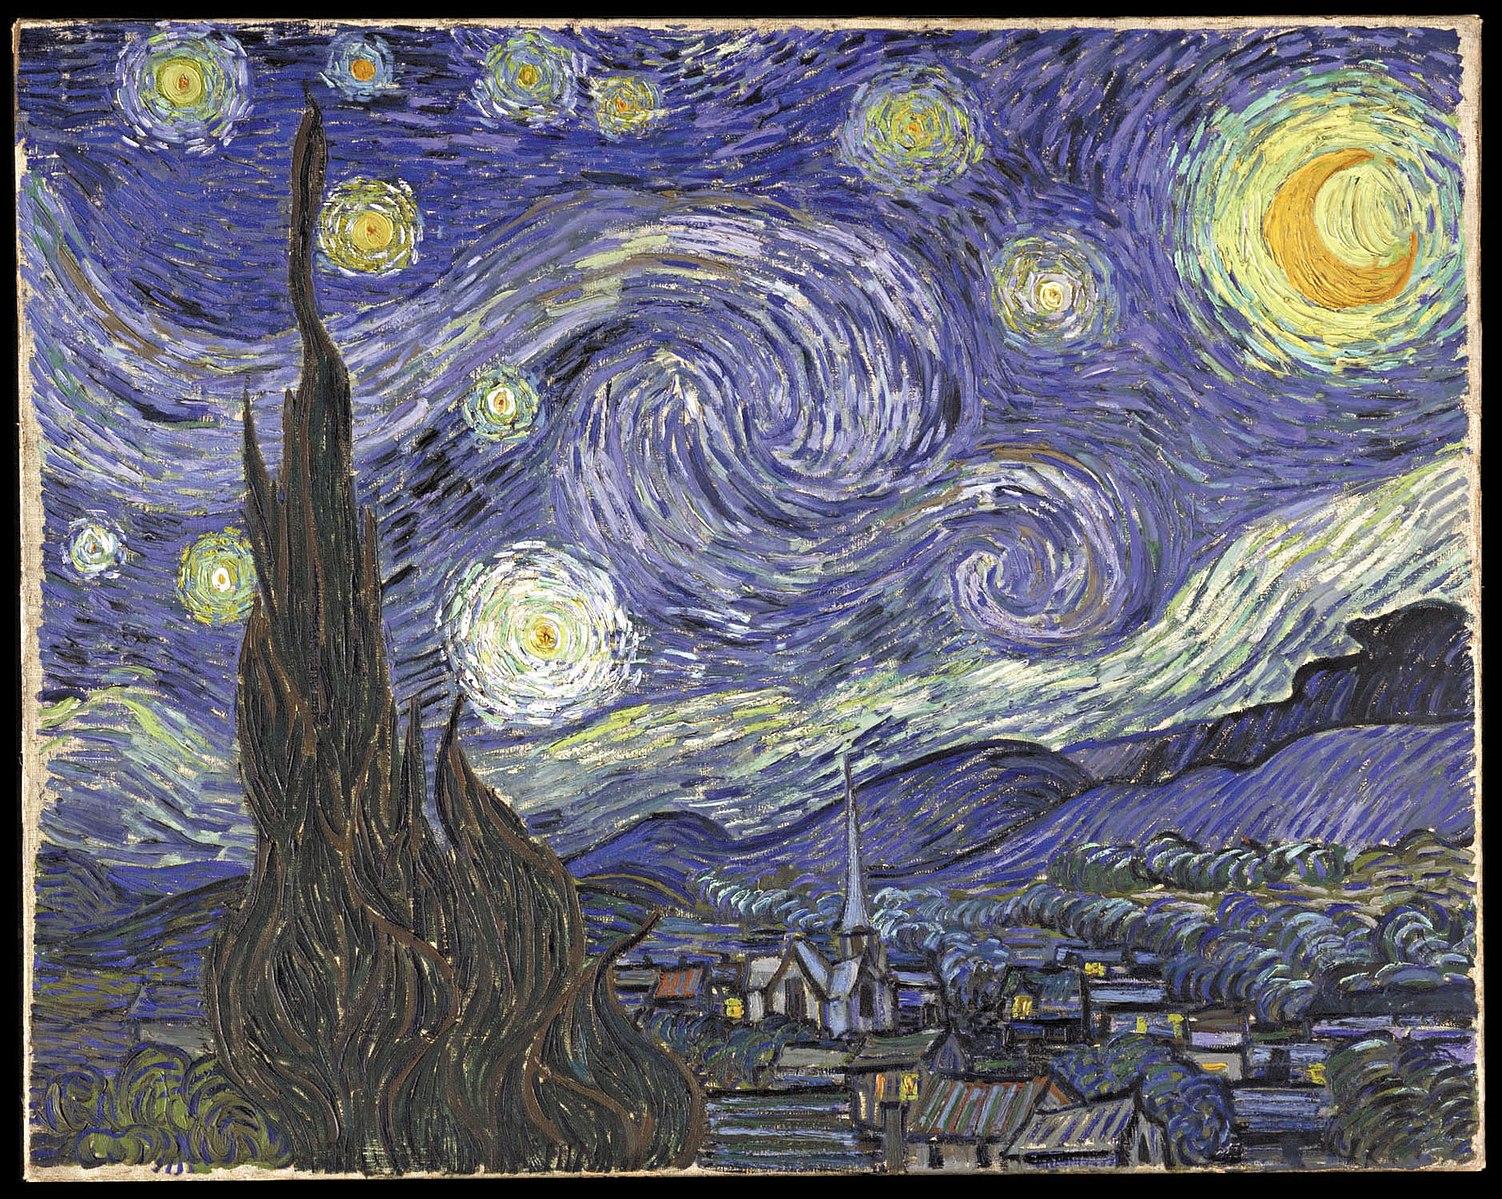 Noapte înstelată. Sursă:  https://ro.wikipedia.org/wiki/Noapte_%C3%AEnstelat%C4%83